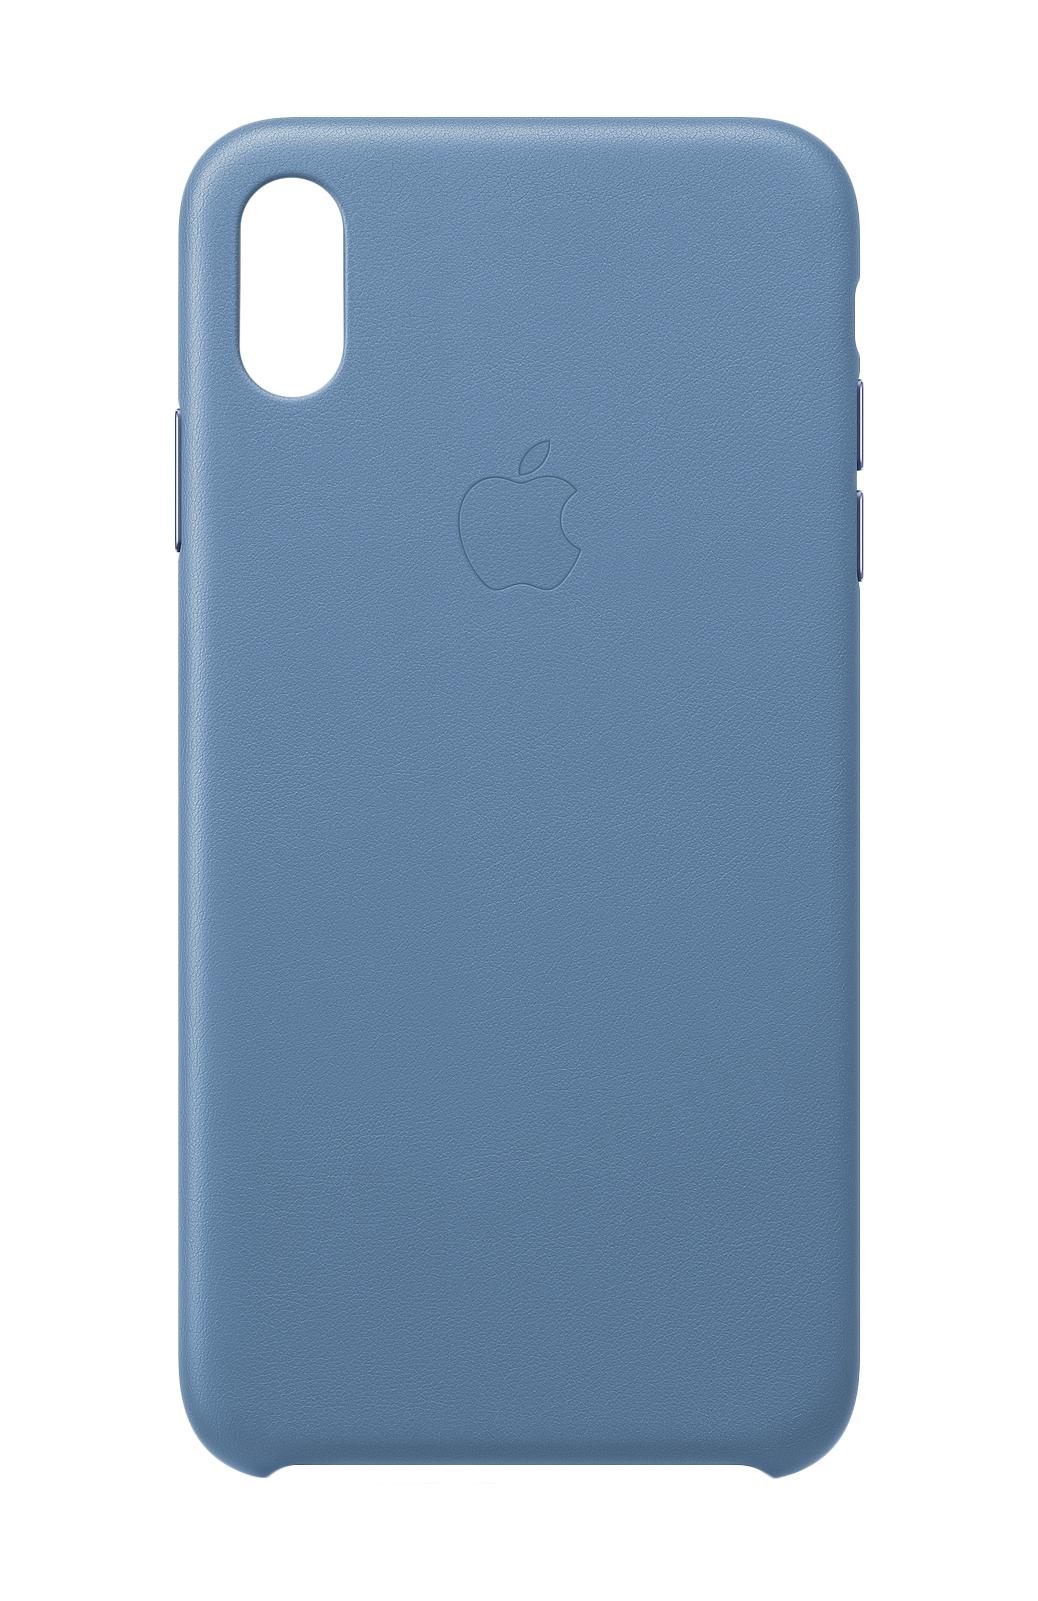 Apple MVFX2ZM/A funda para teléfono móvil